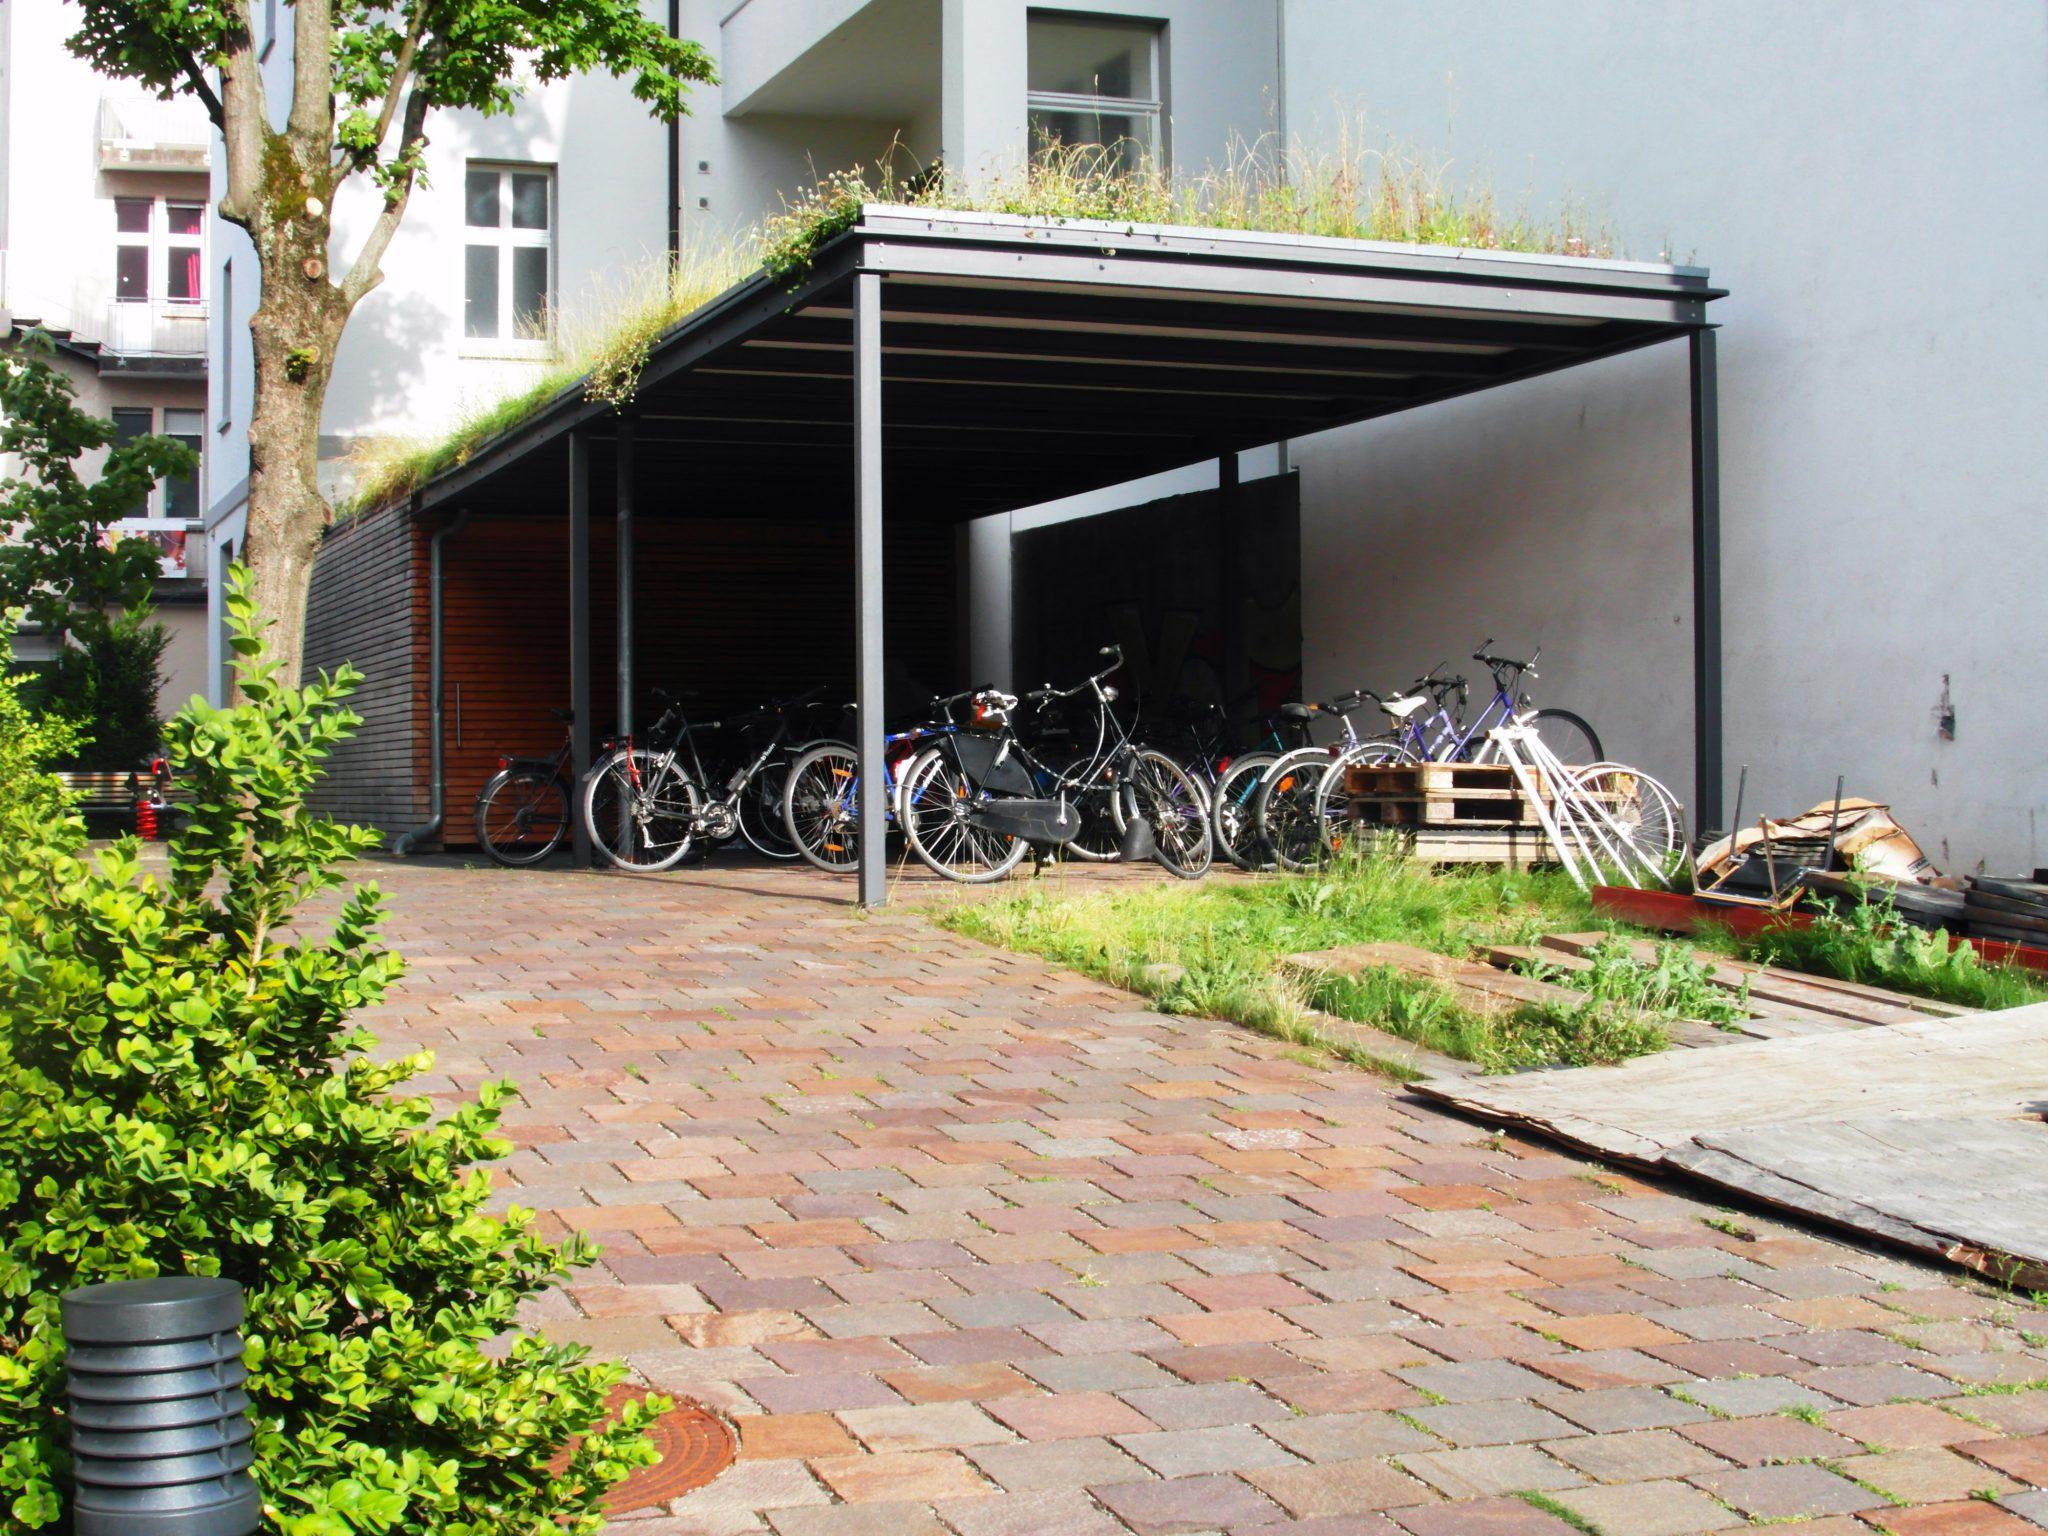 ¿Cómo es posible que haya aparcamientos de solo bicicletas?